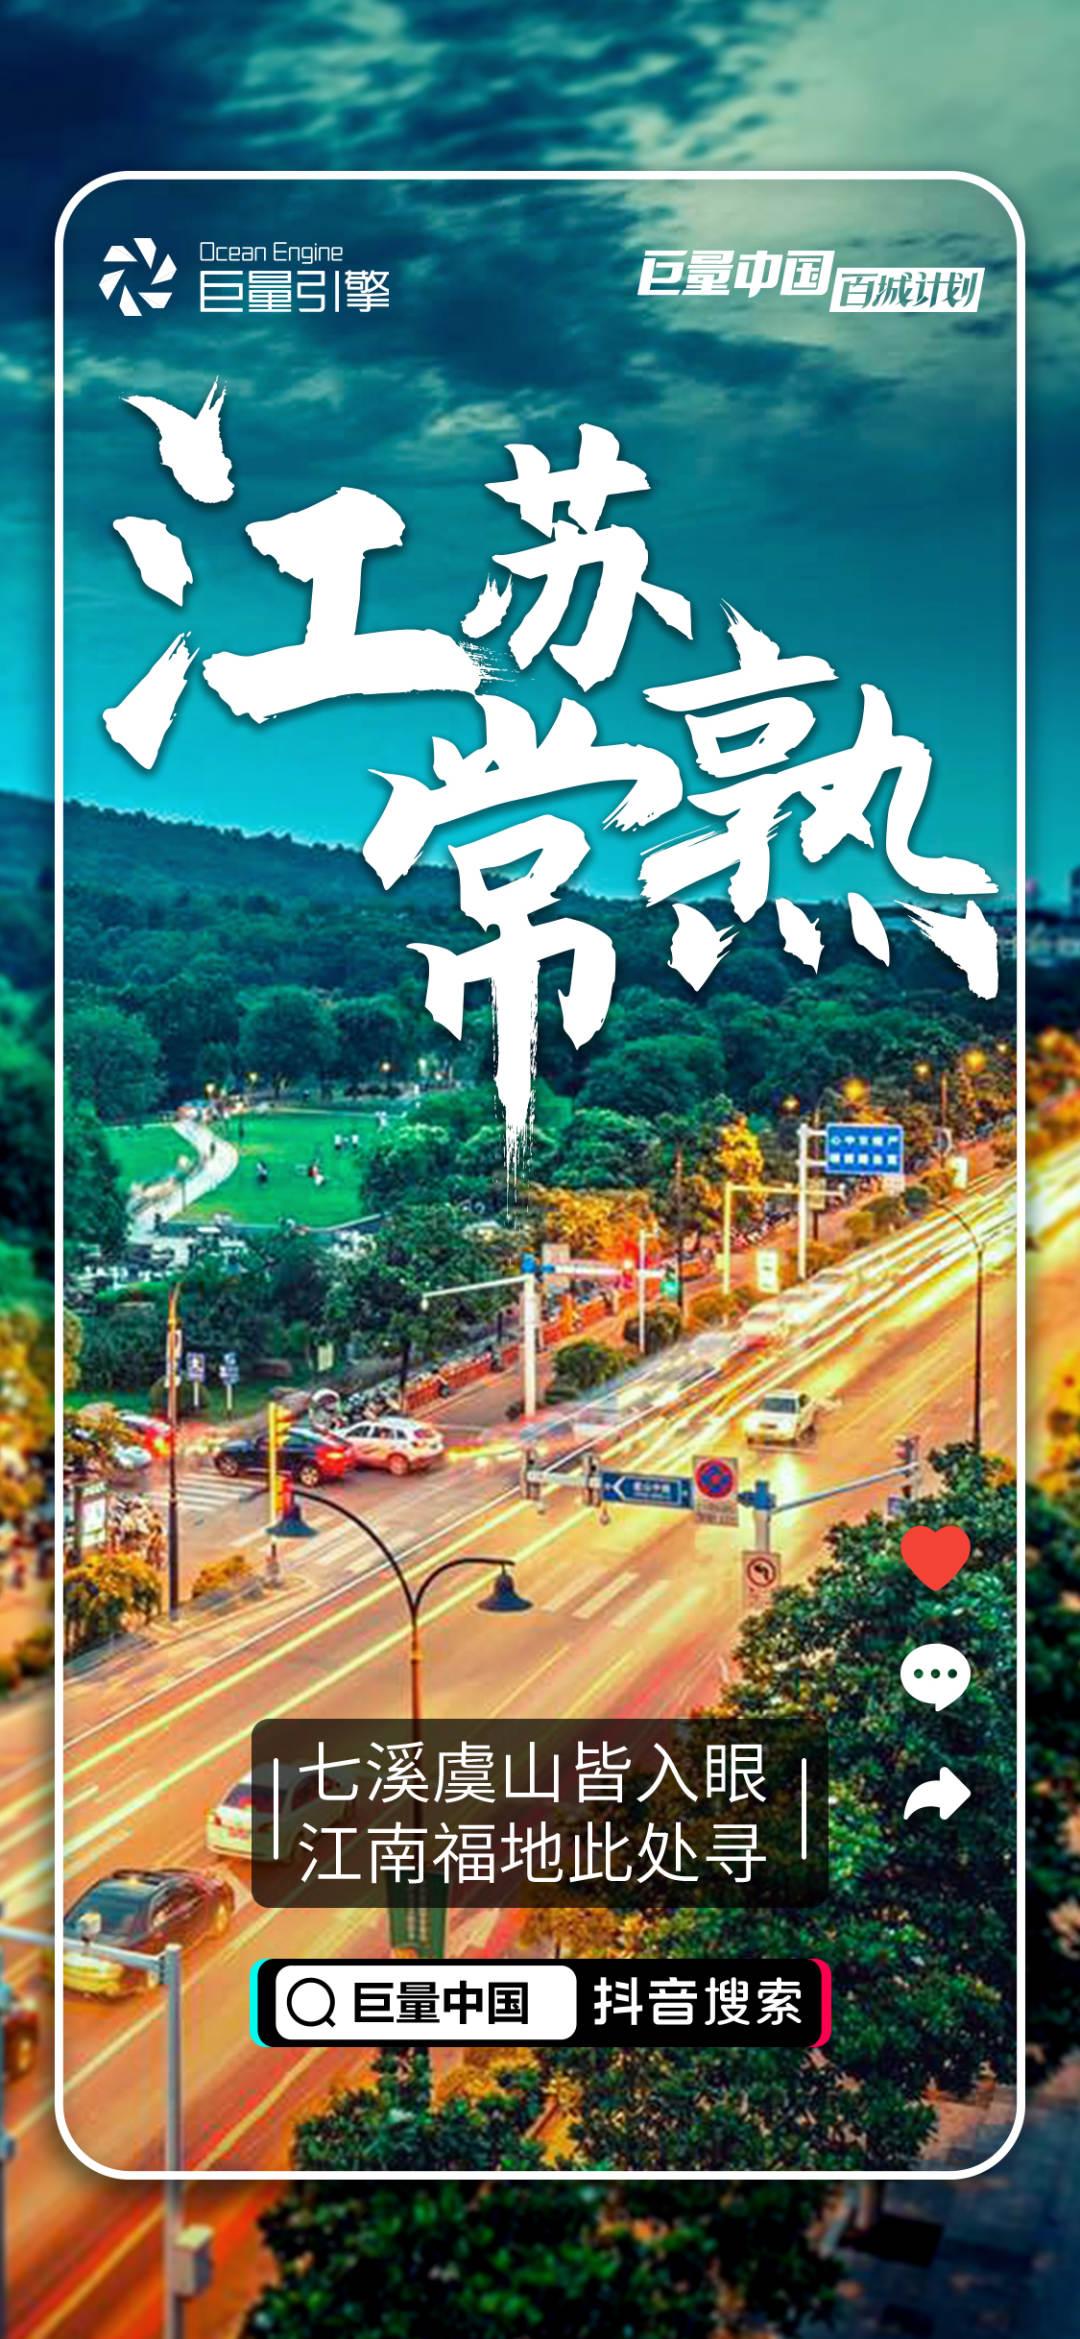 """借力IP营销,看江苏浦口如何打造""""都市圈最美花园""""名片"""